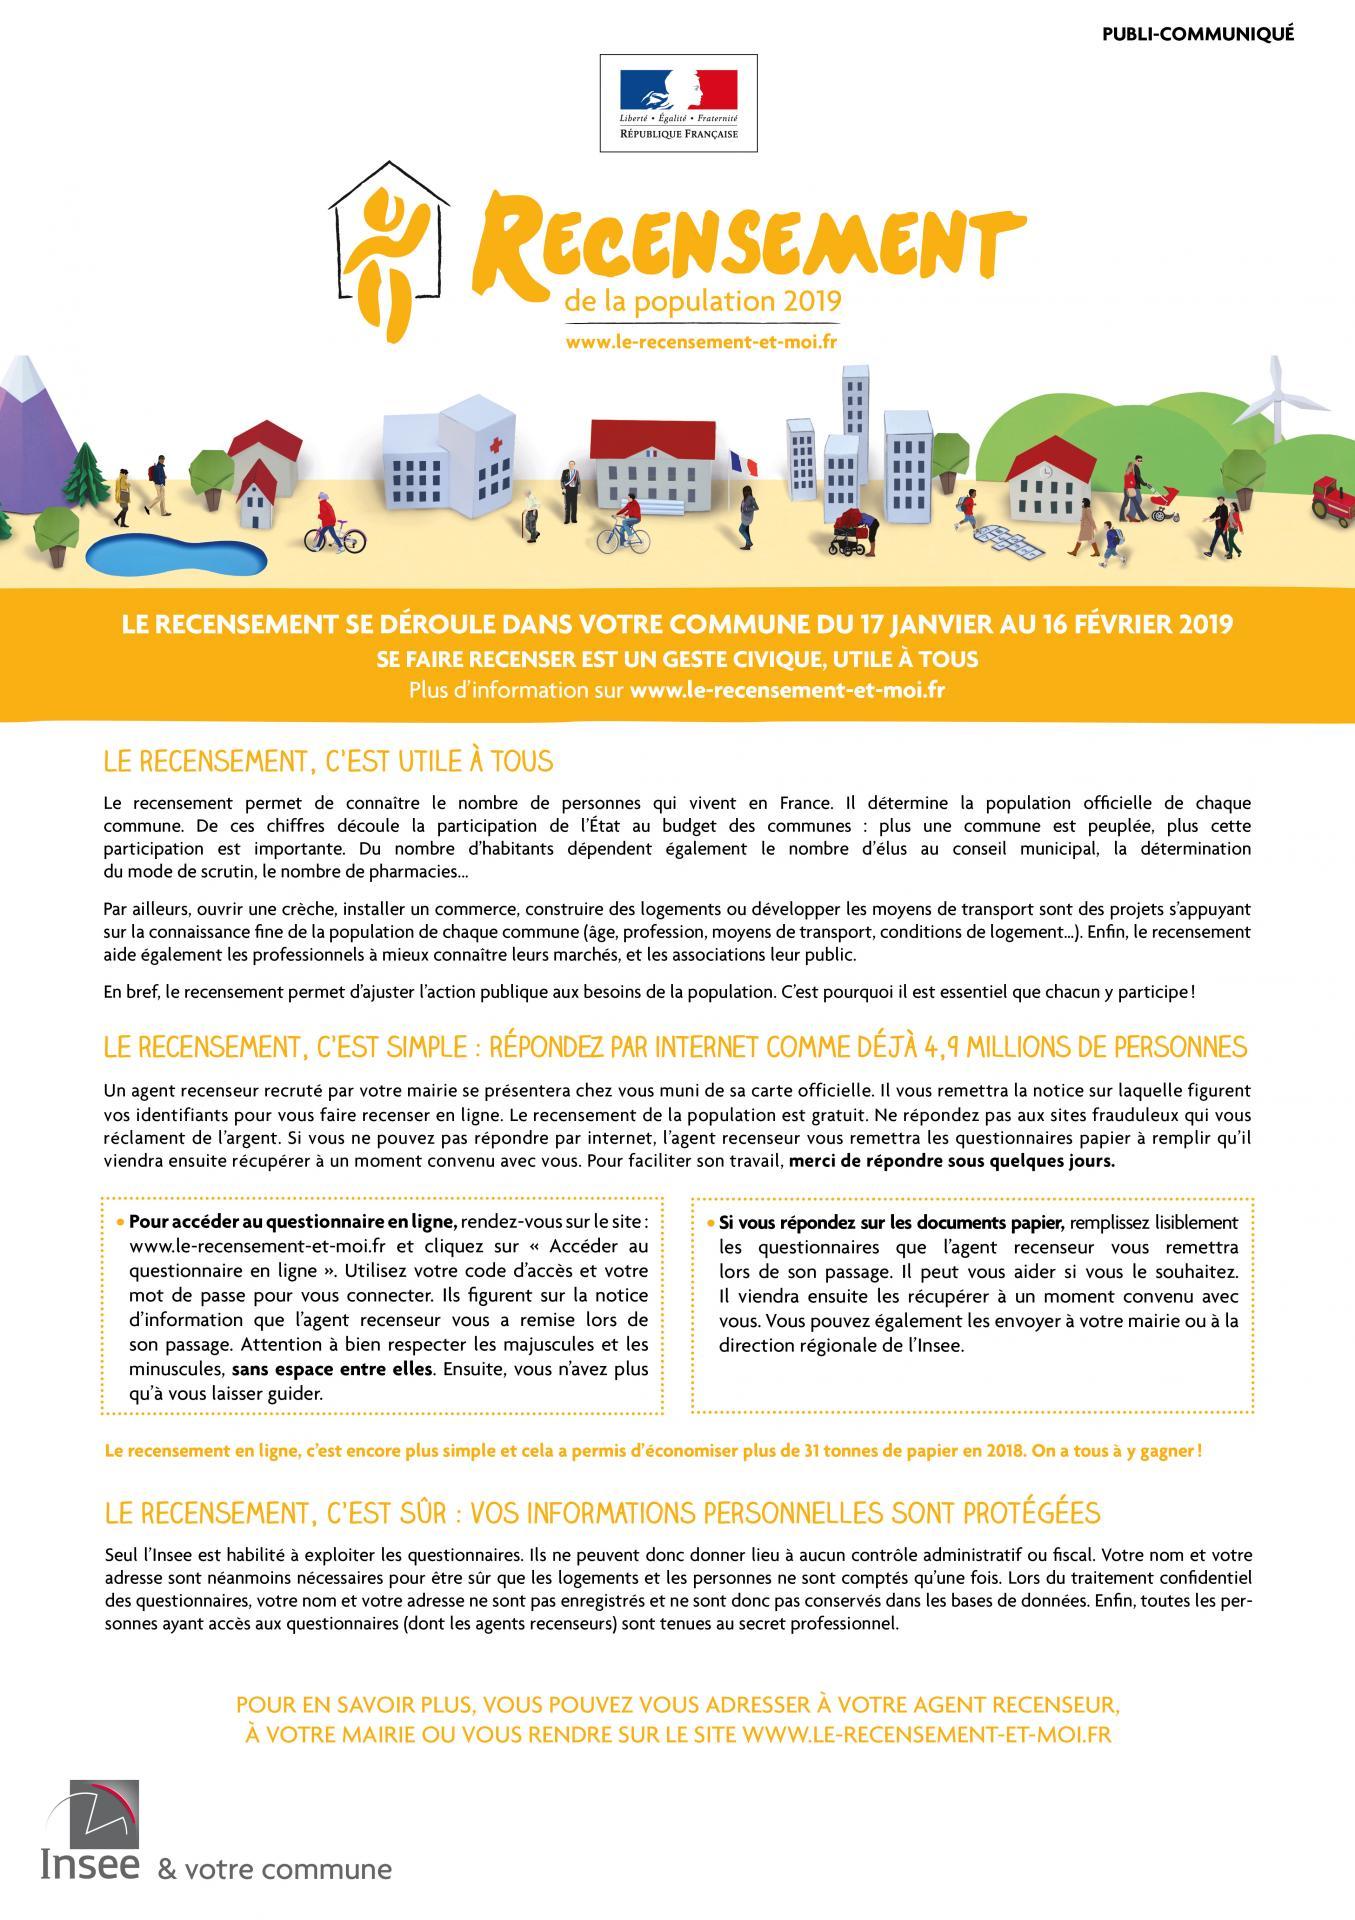 PublicommuniquePCMAG2019_web